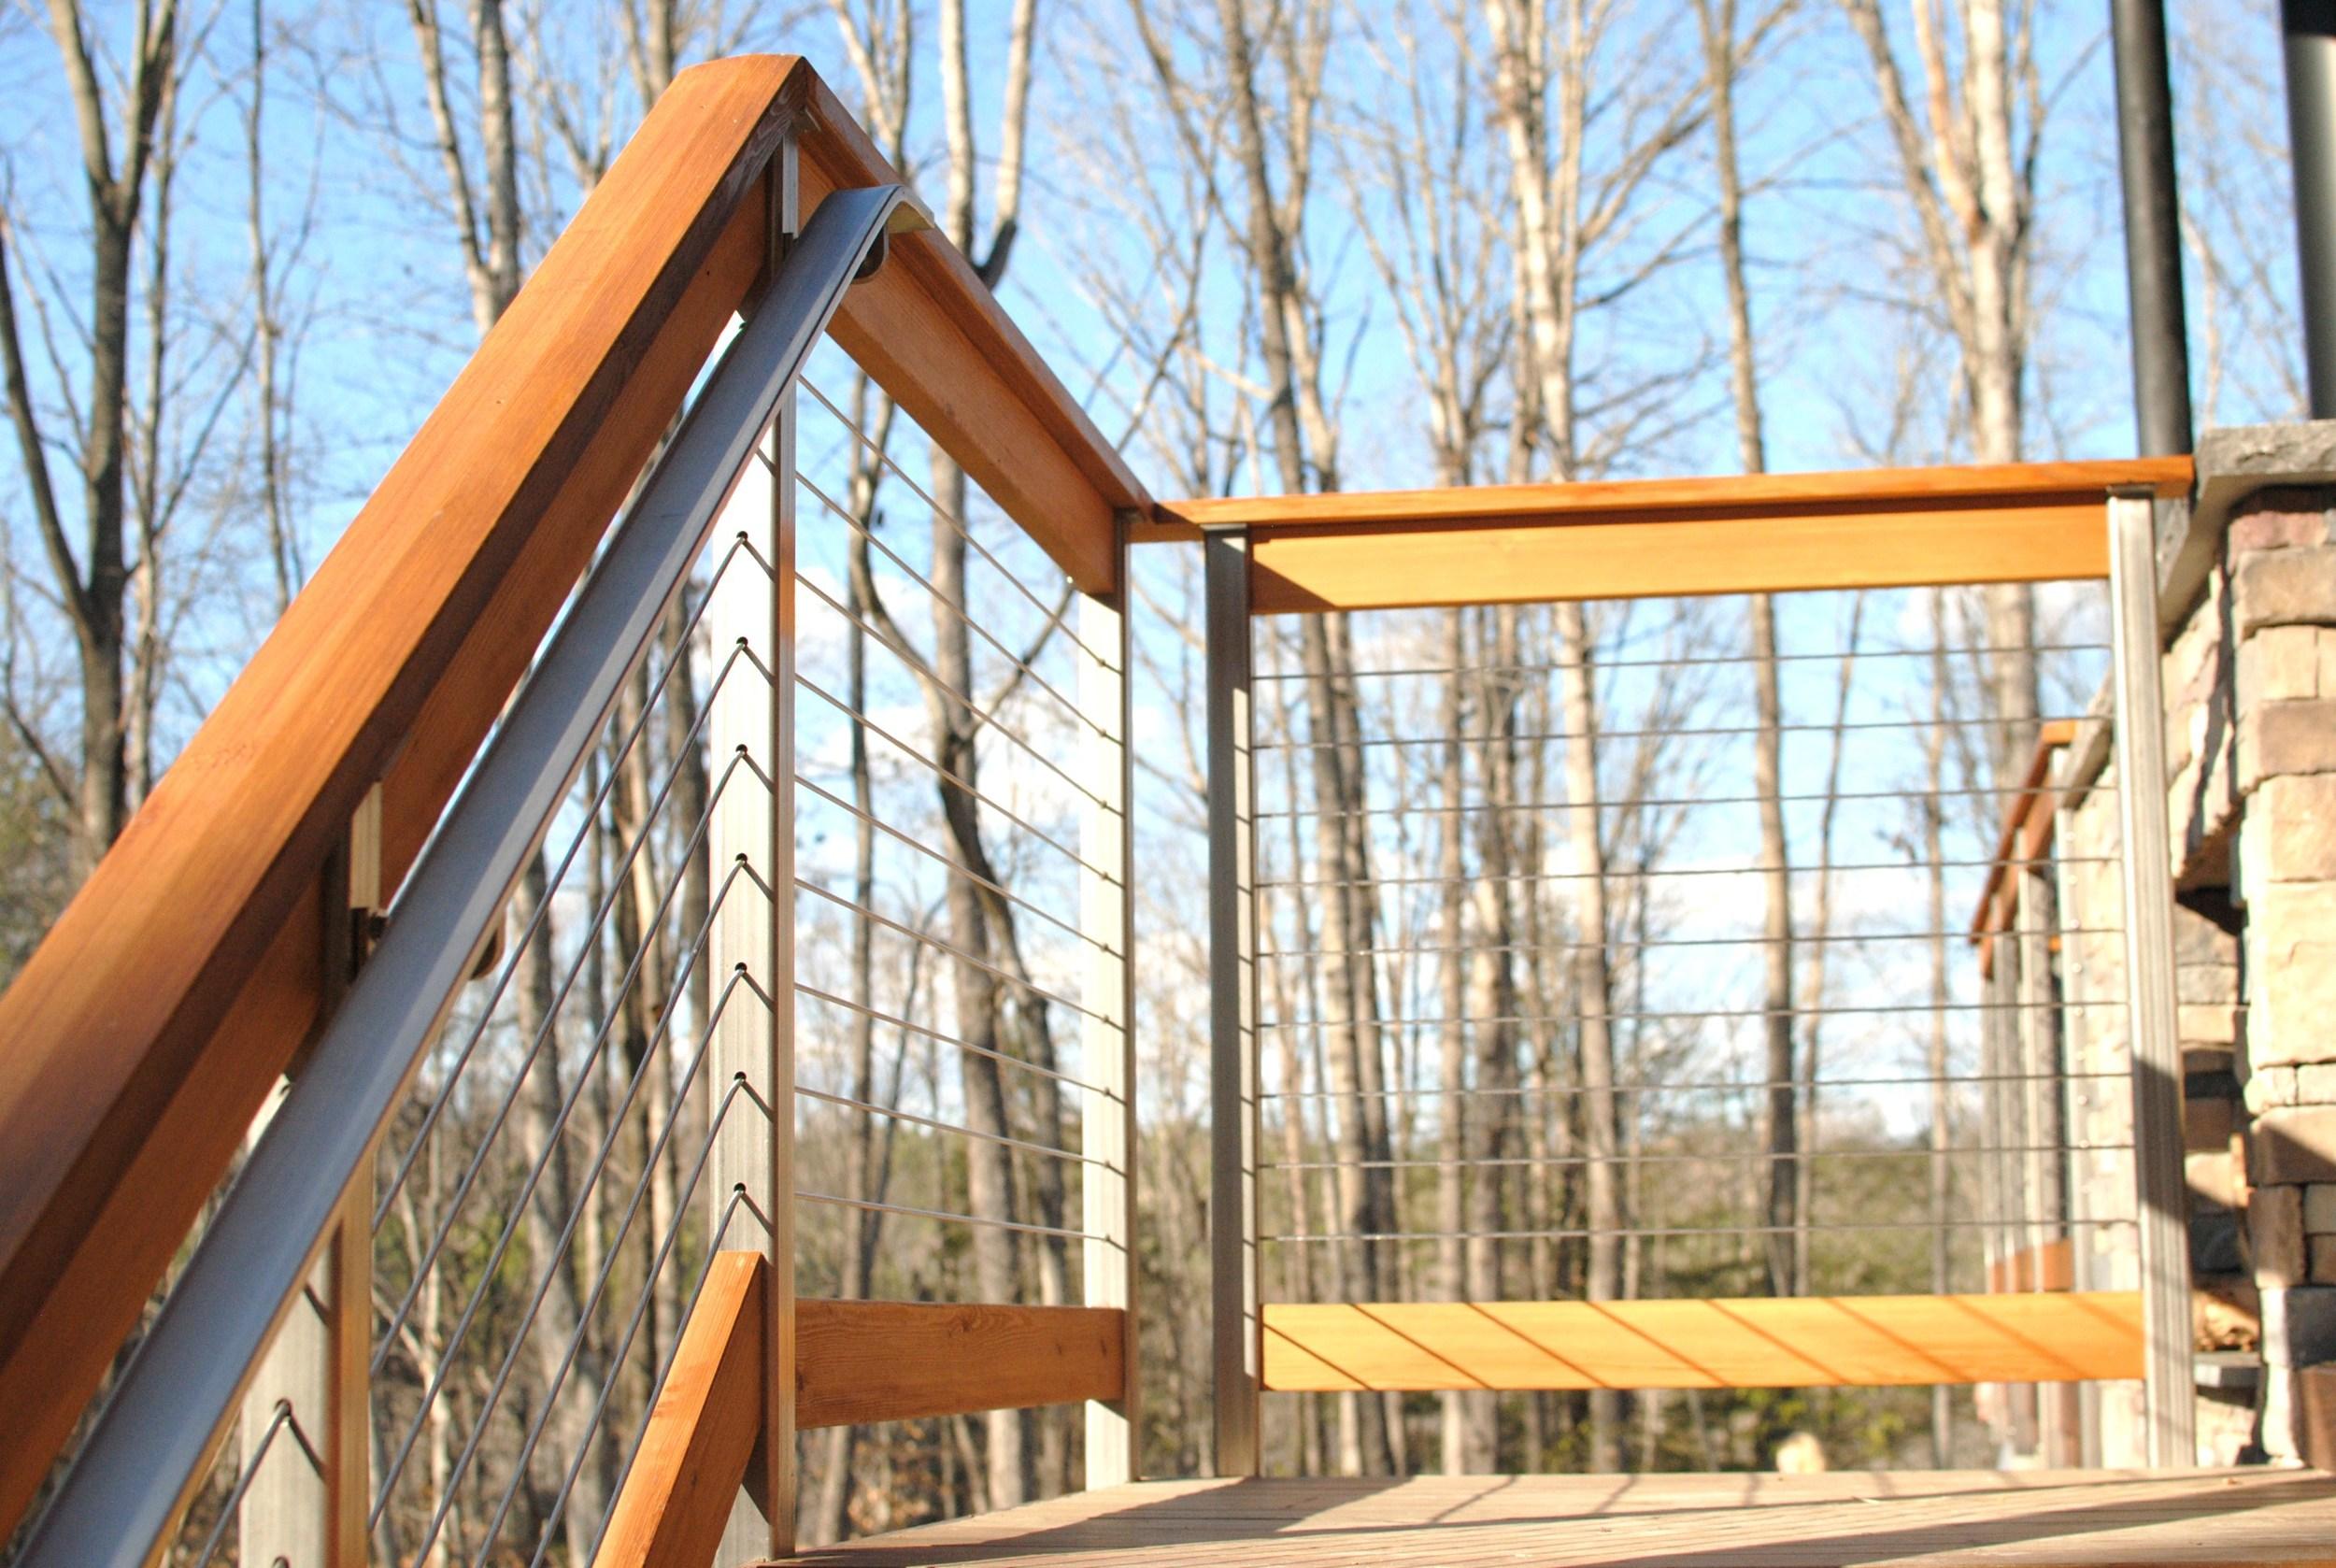 Deck stair rail detail